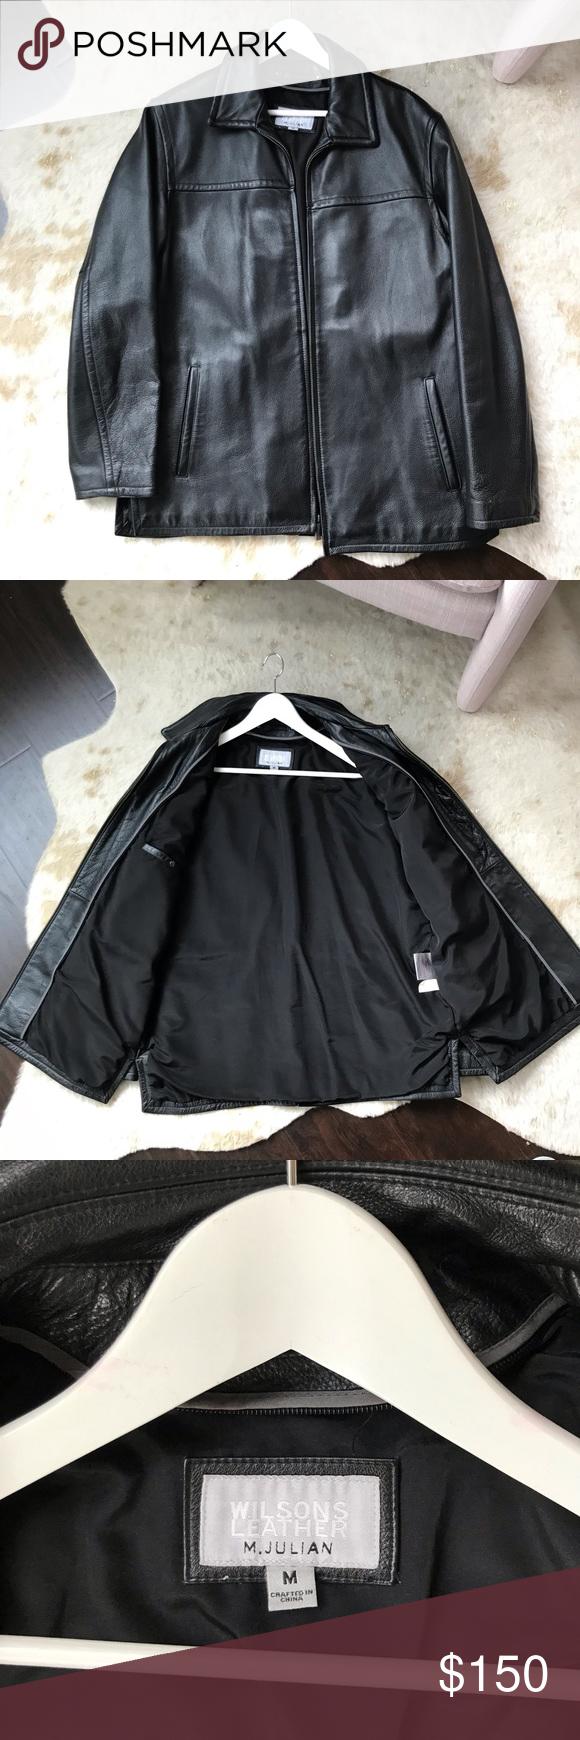 Men's Wilson's M. Julian Black Leather Jacket Leather